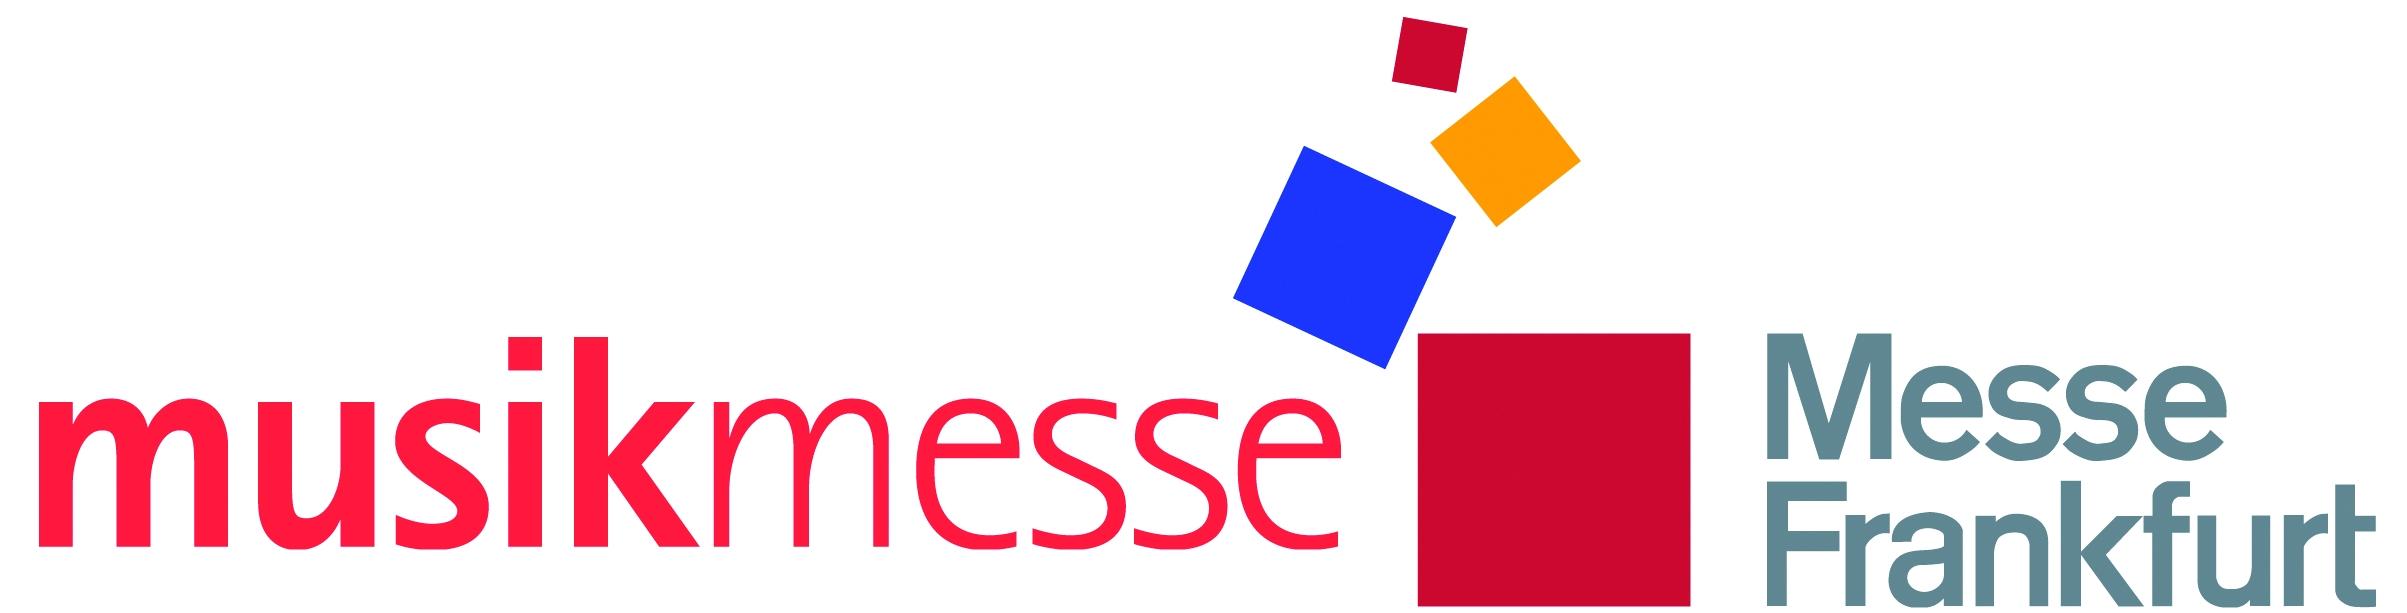 musikmesse-logo